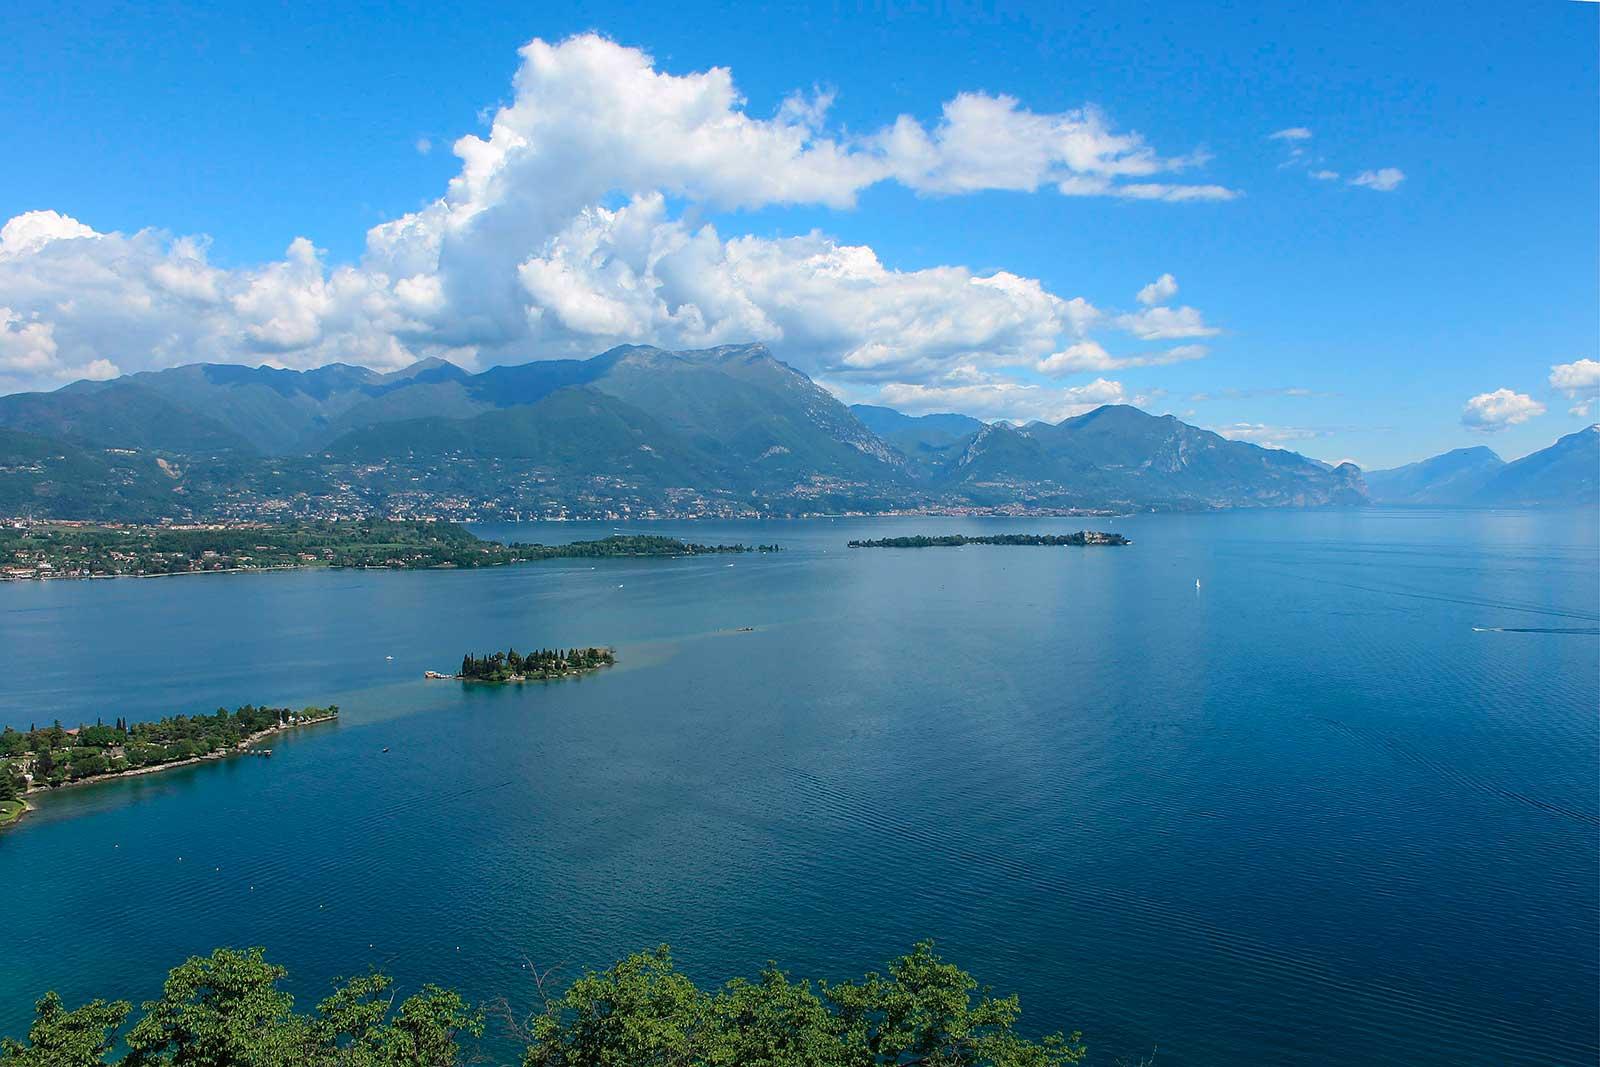 Vacanza ai laghi della lombardia vacanza ai laghi - Portano acqua ai fiumi ...